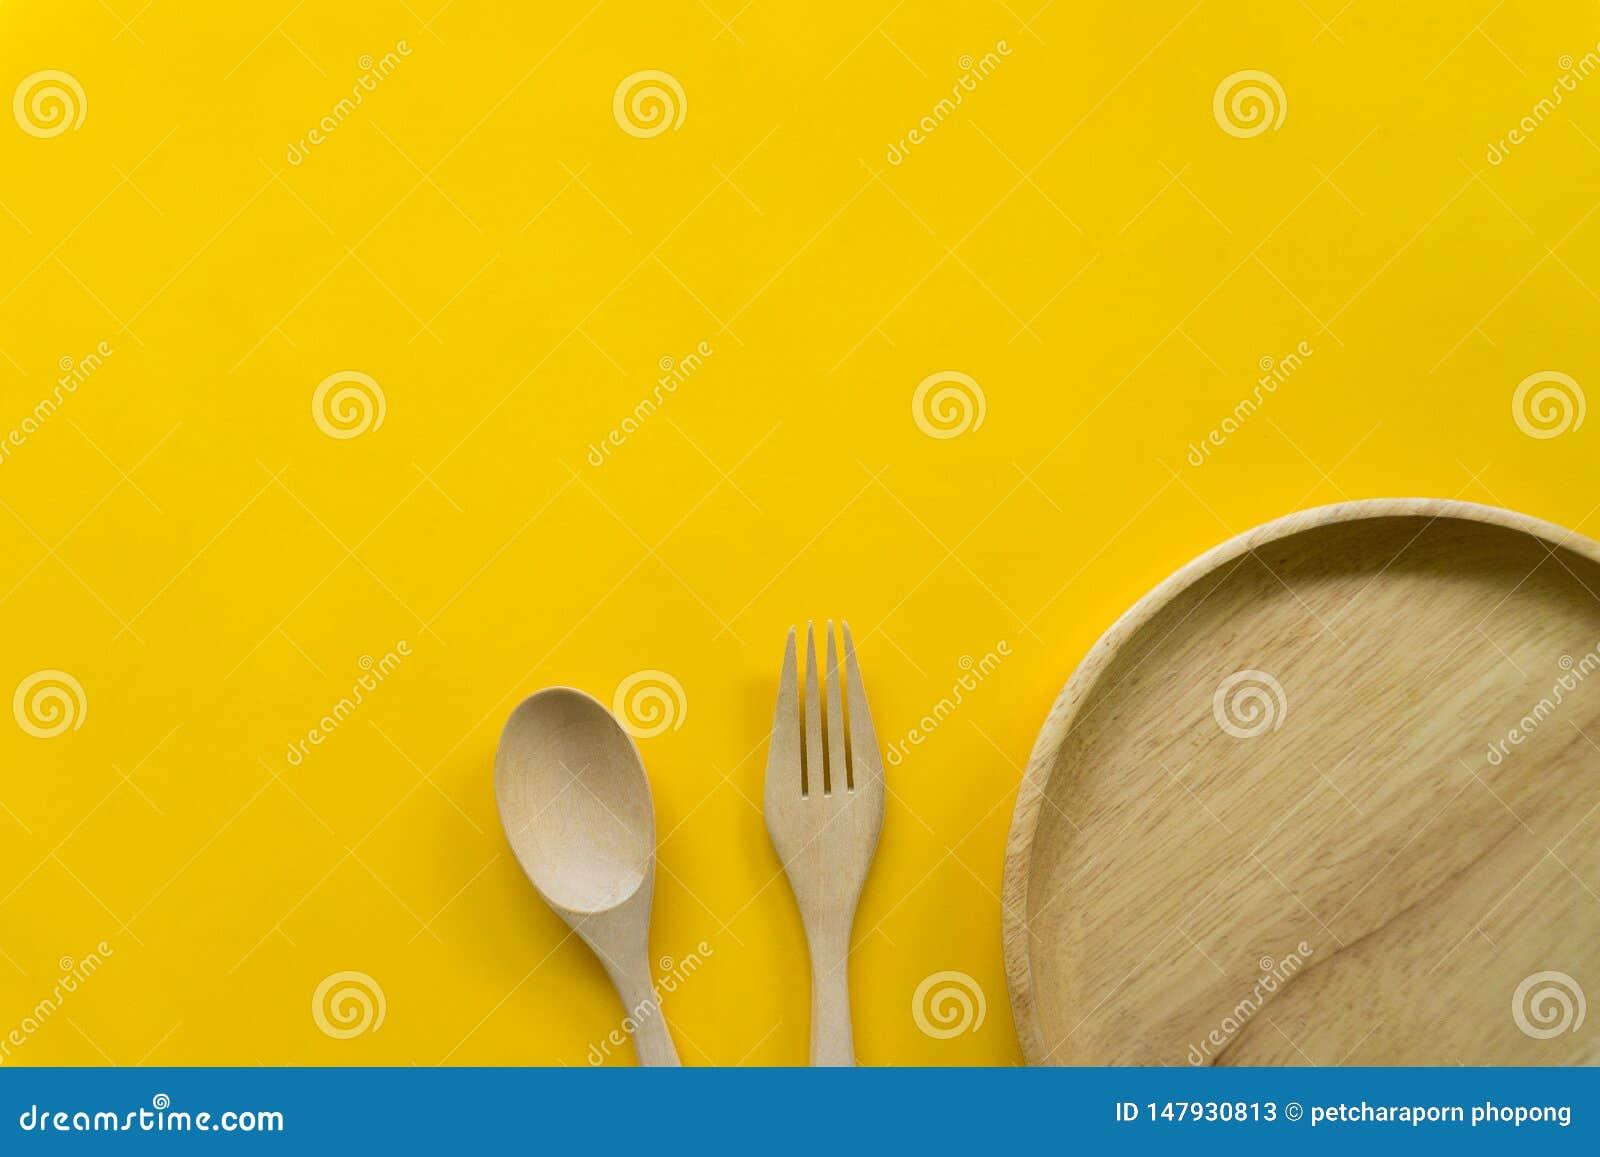 Grupo do Kitchenware de colher de madeira e de forquilha de madeira isoladas com fundo amarelo